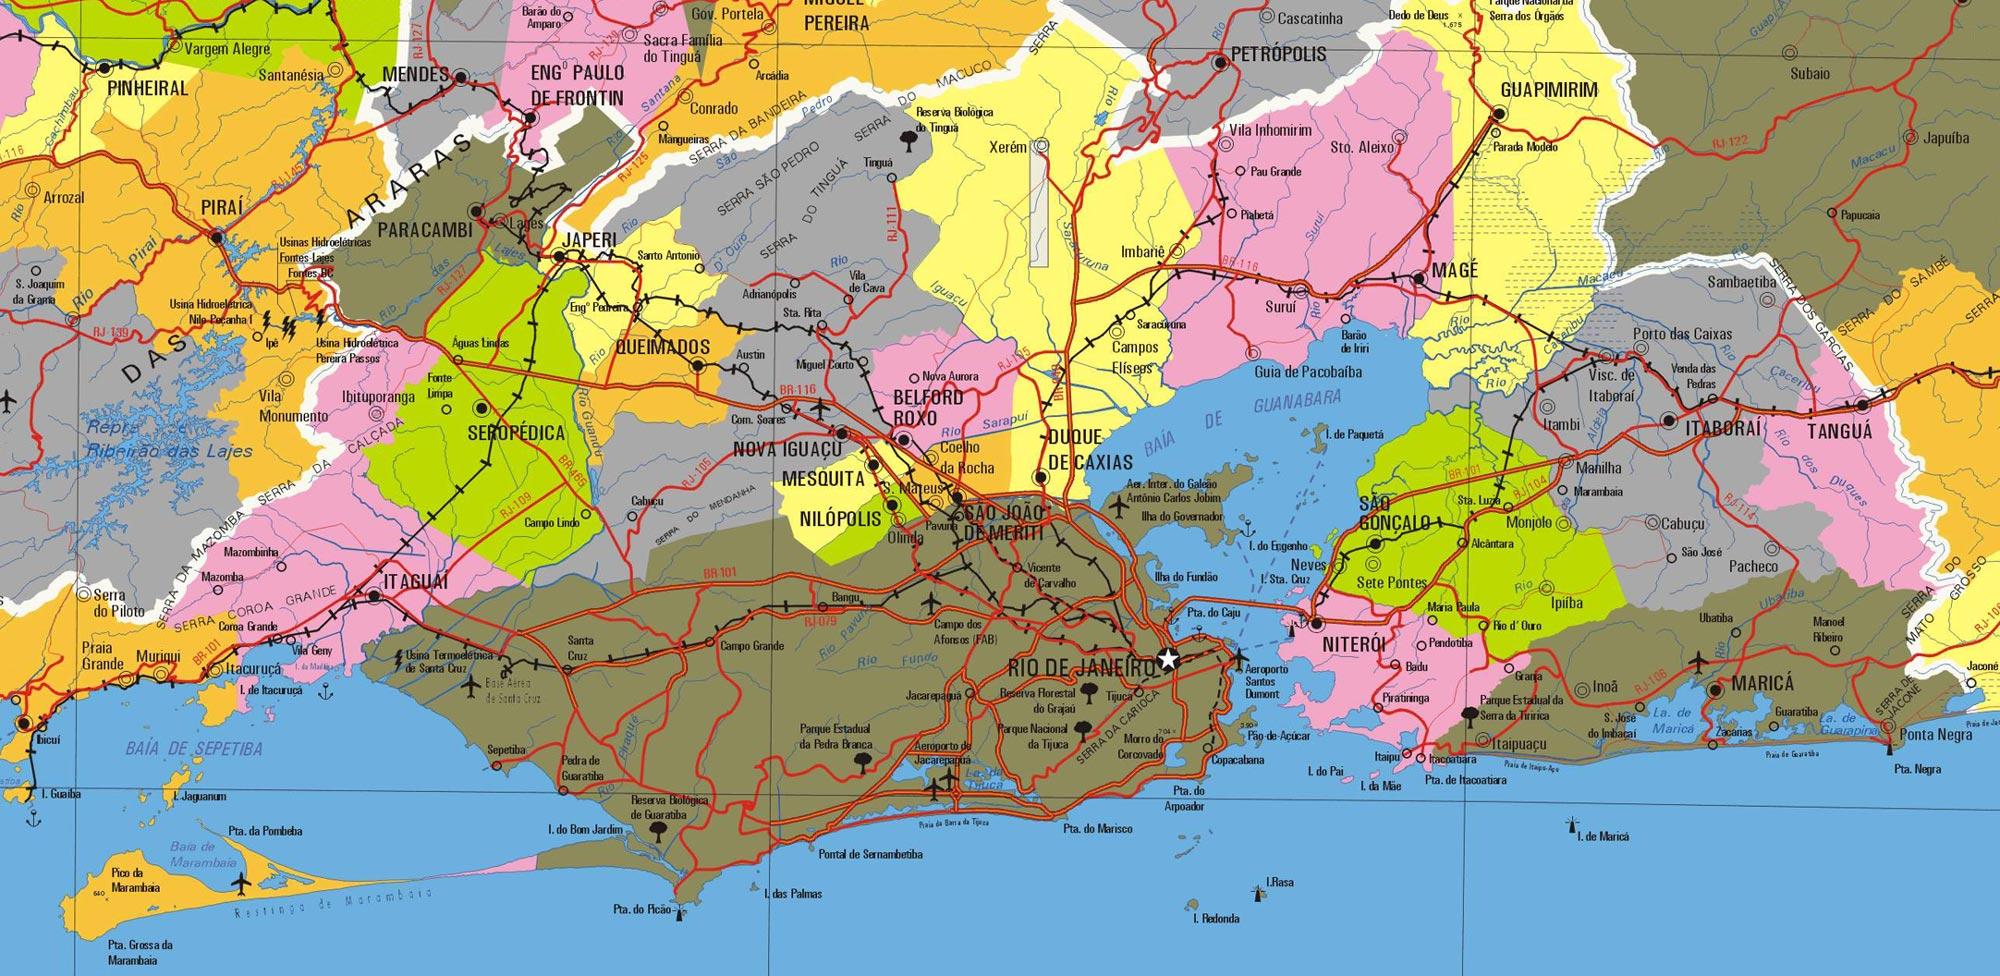 Mapa Regioes Rio de Janeiro